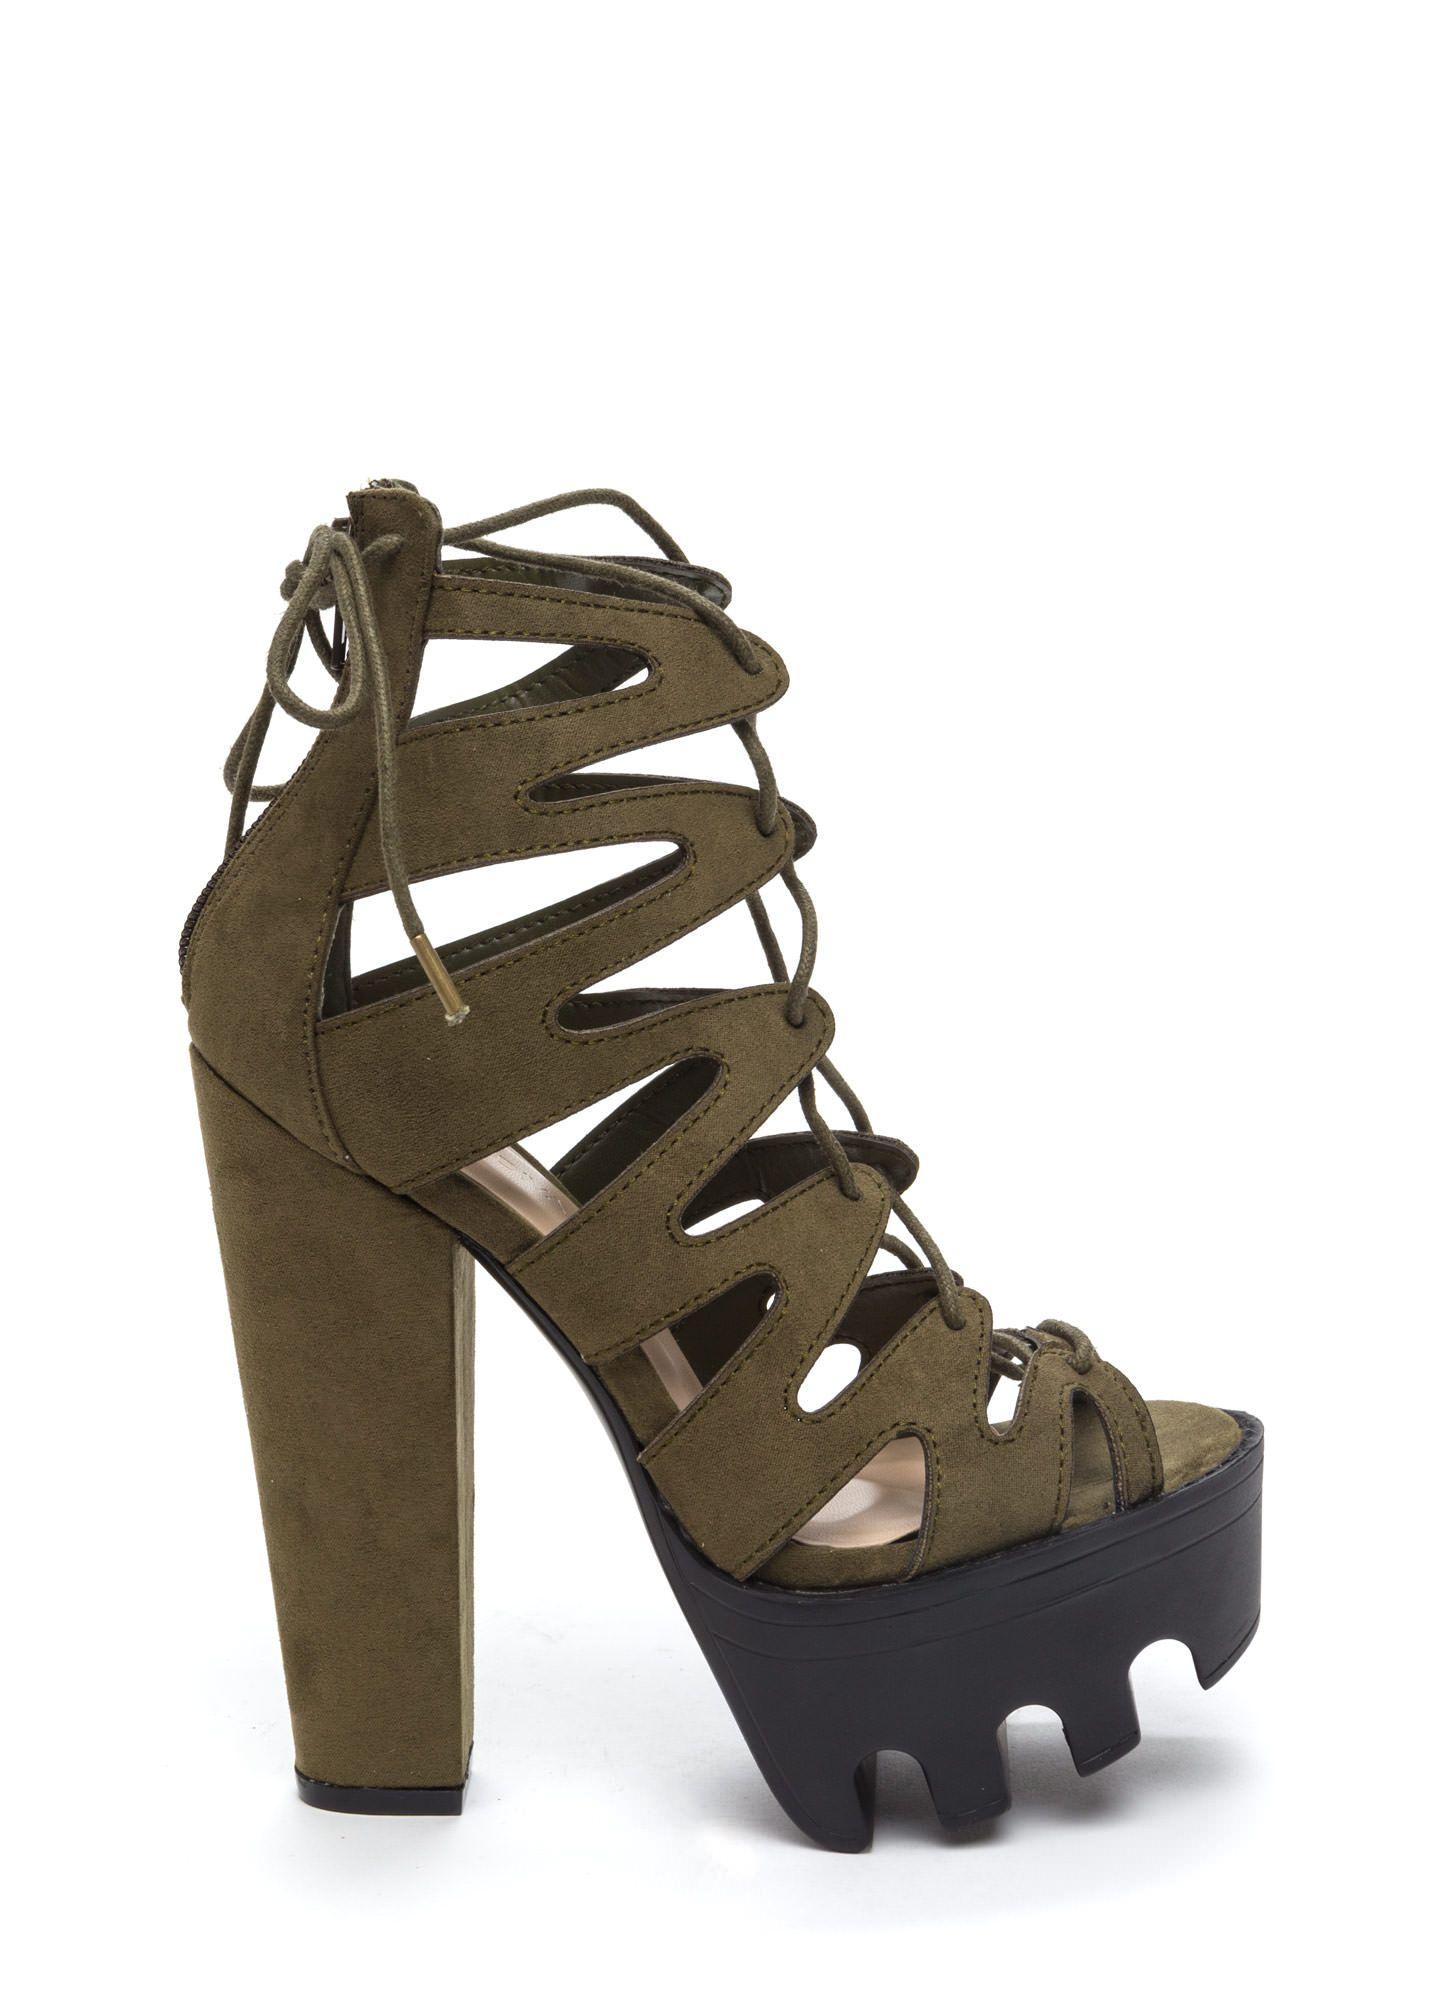 Get Laced Rugged Platform Heels BLACK TAUPE OLIVE - GoJane.com